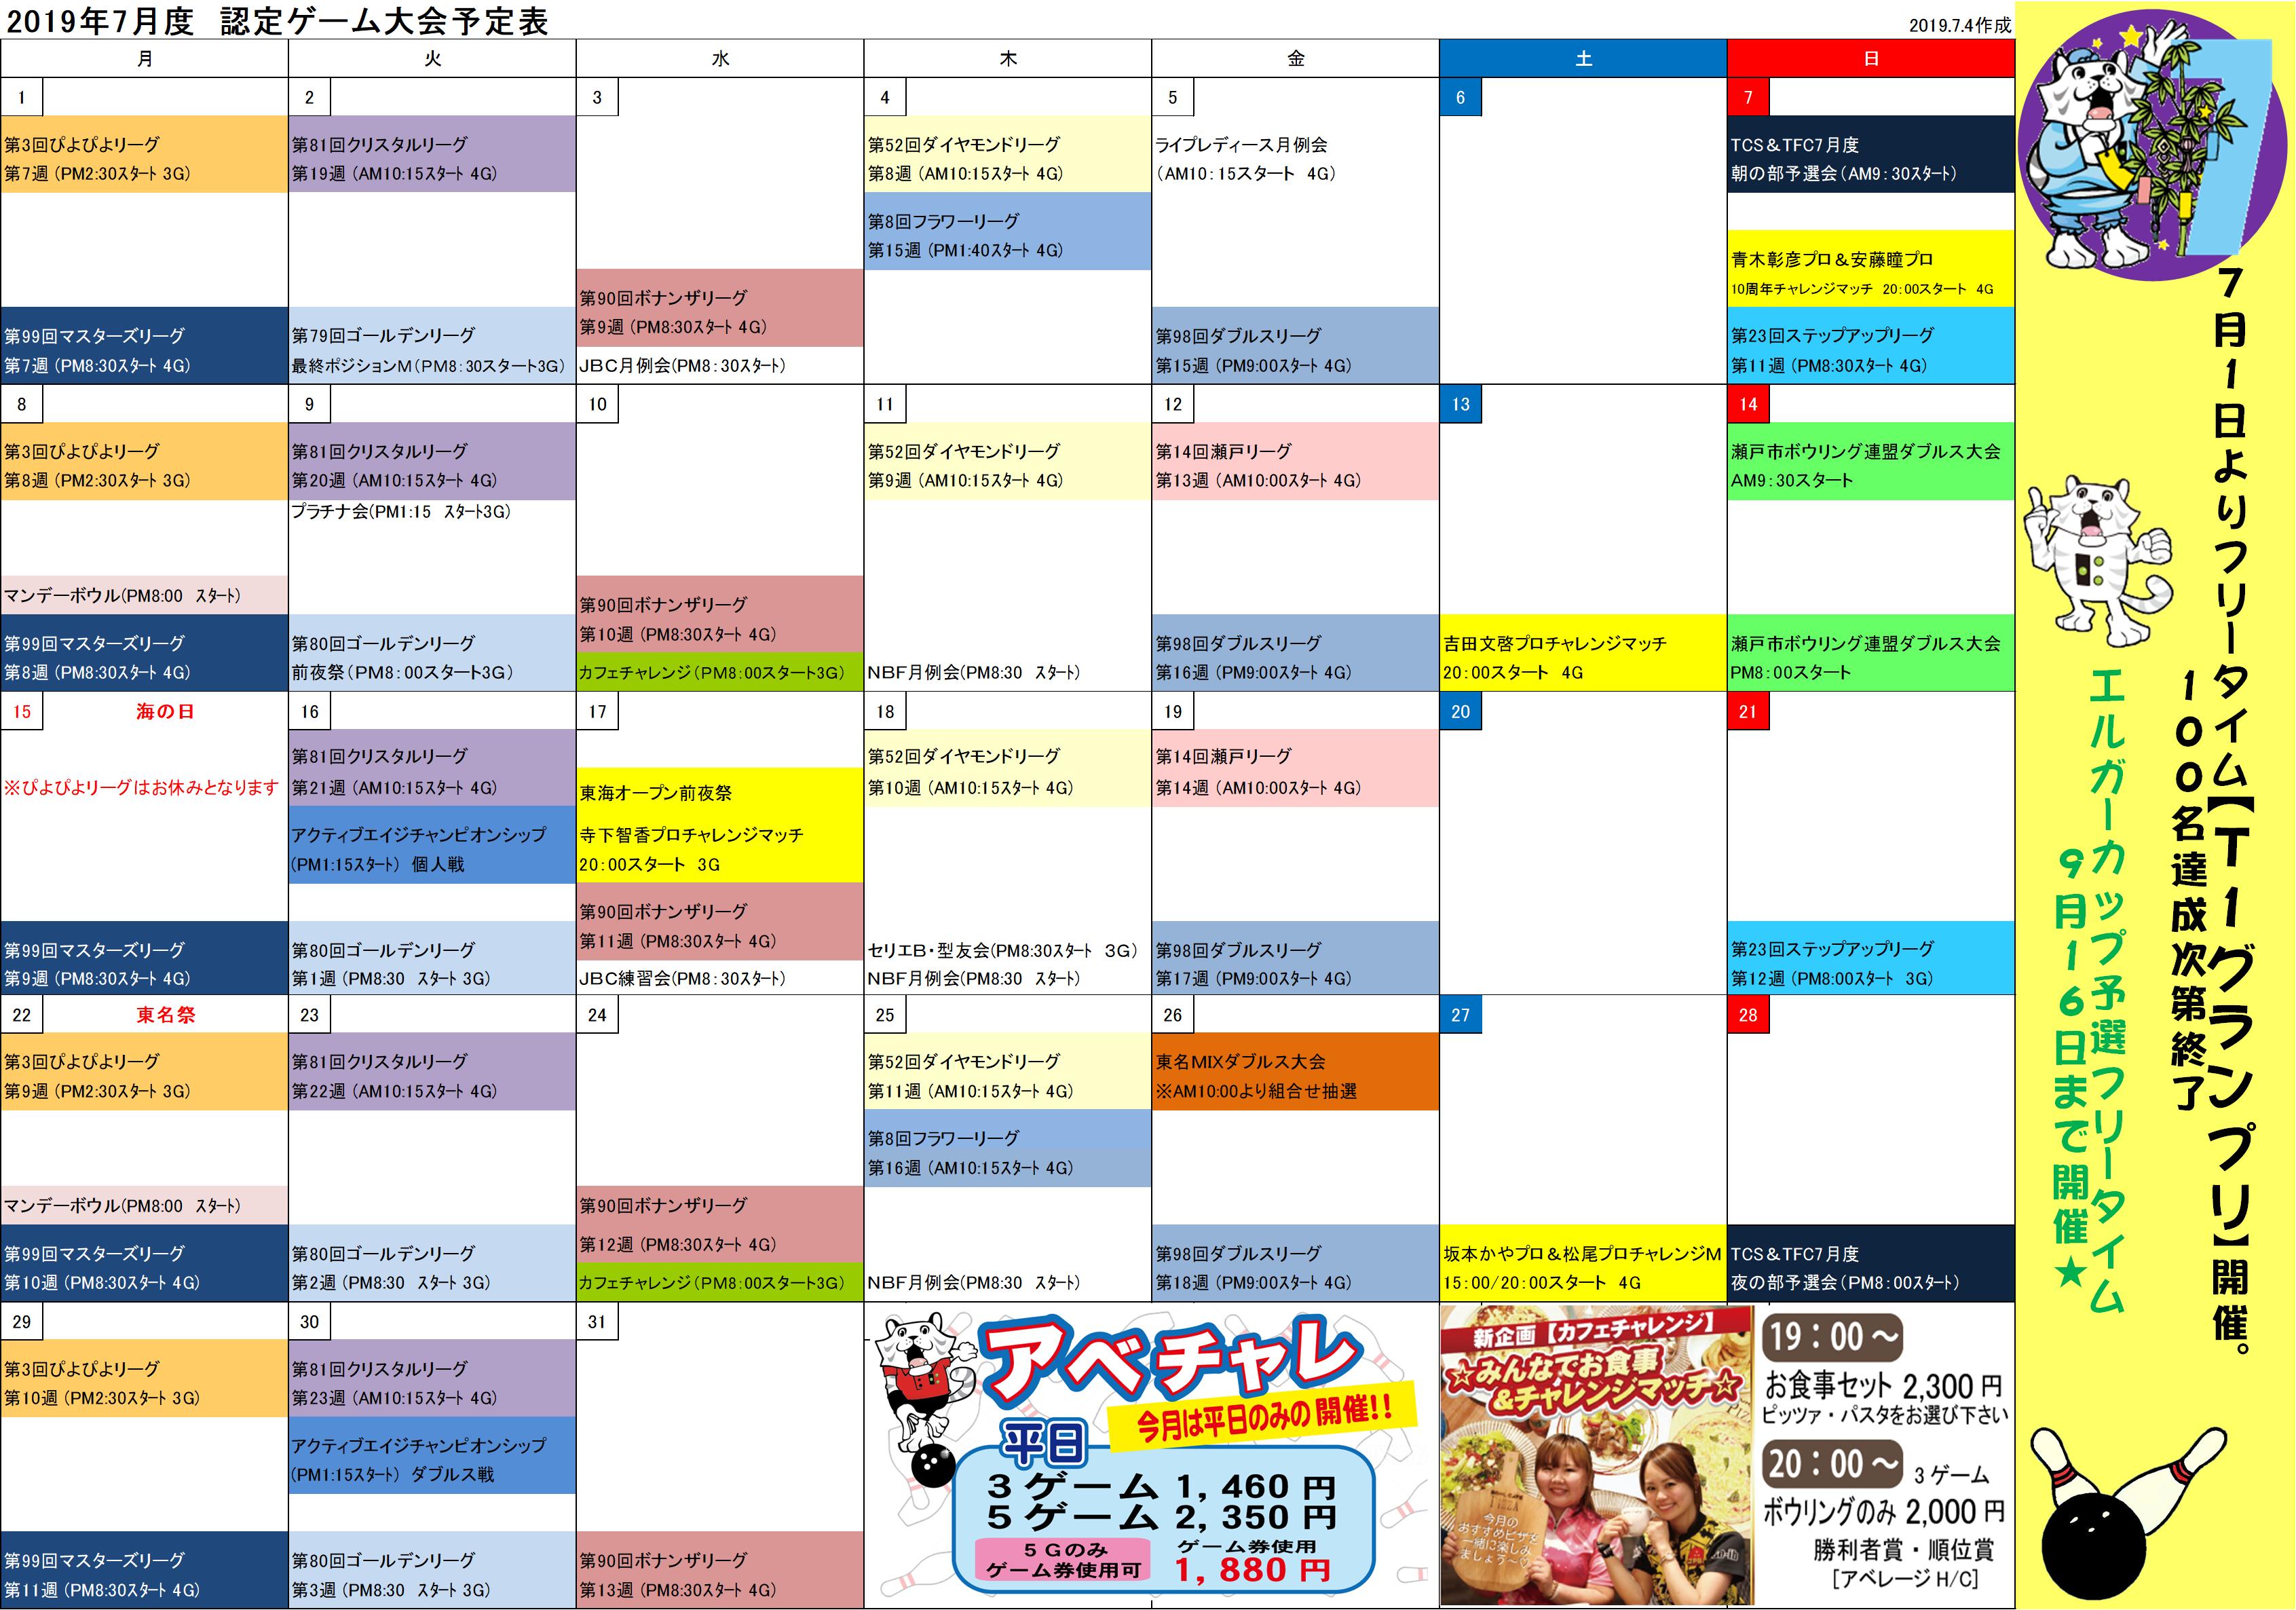 ★会員様向け★7月認定ゲーム大会予定表